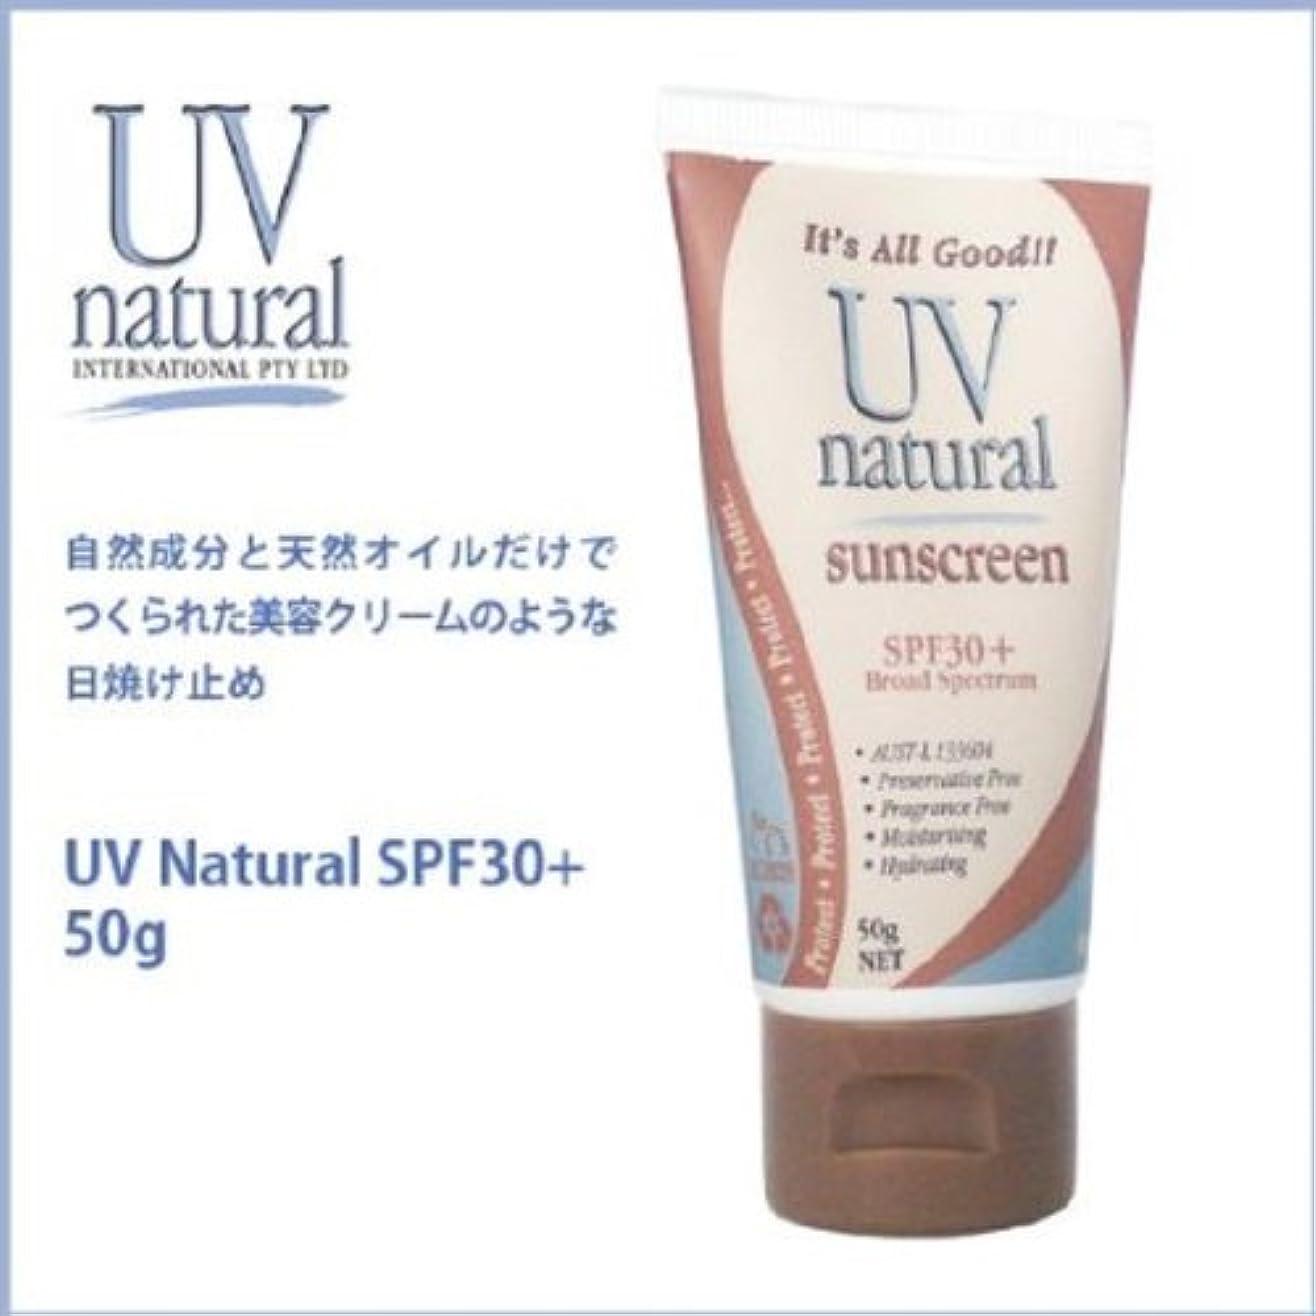 安心させるミサイル舗装する【UV NATURAL】日焼け止め Natural SPF30+ 50g 3本セット